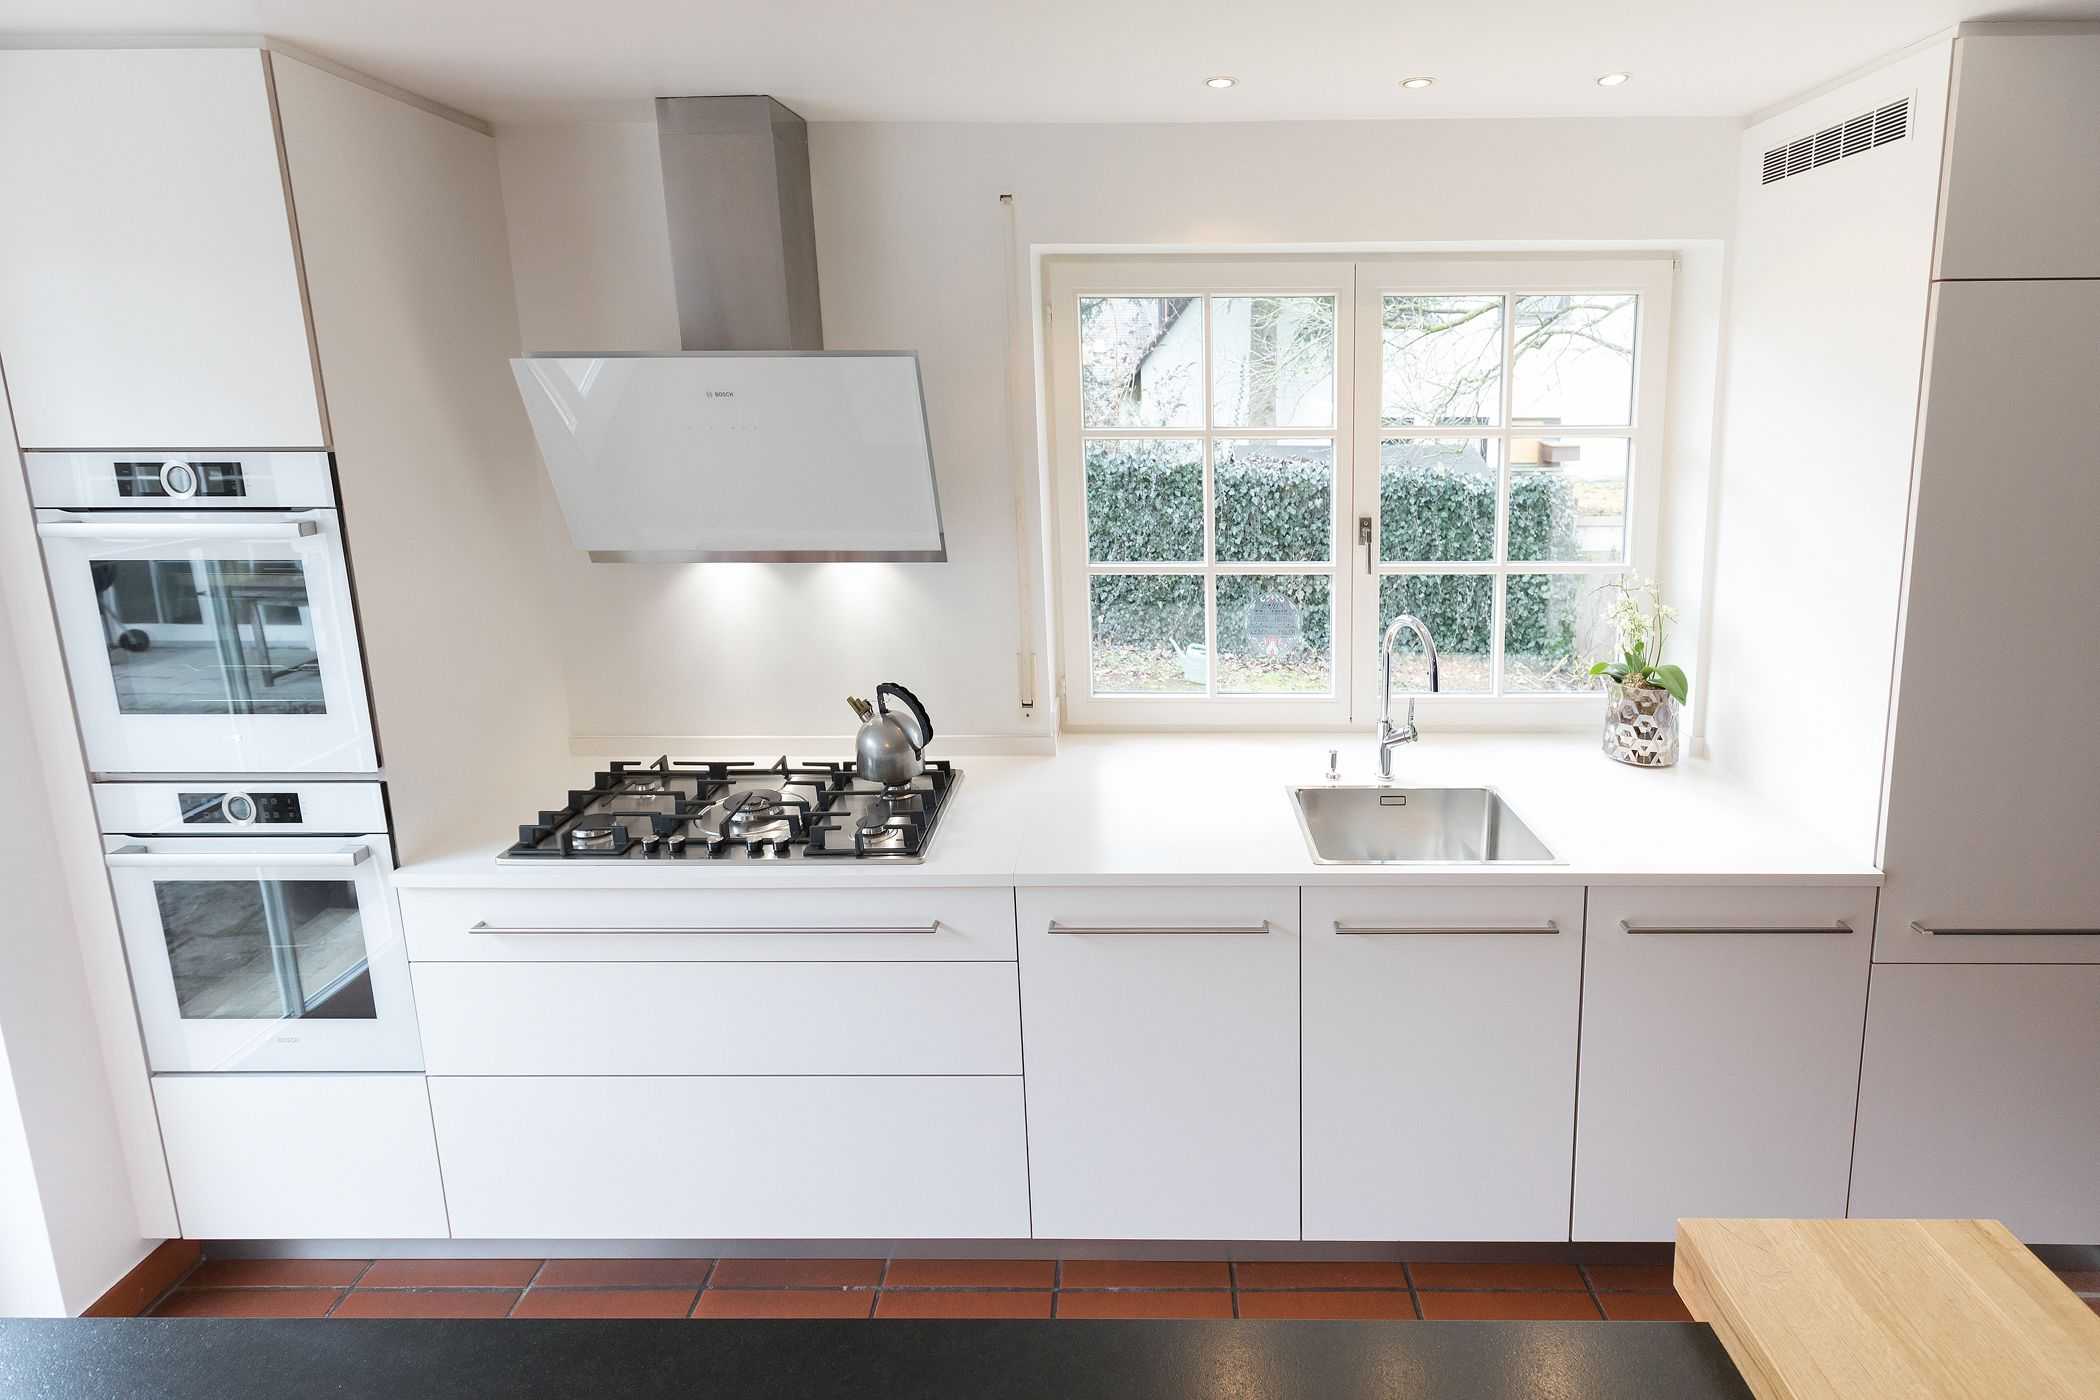 Küche | Küchenplanung | Küche planen | Inspiration | weiß ...